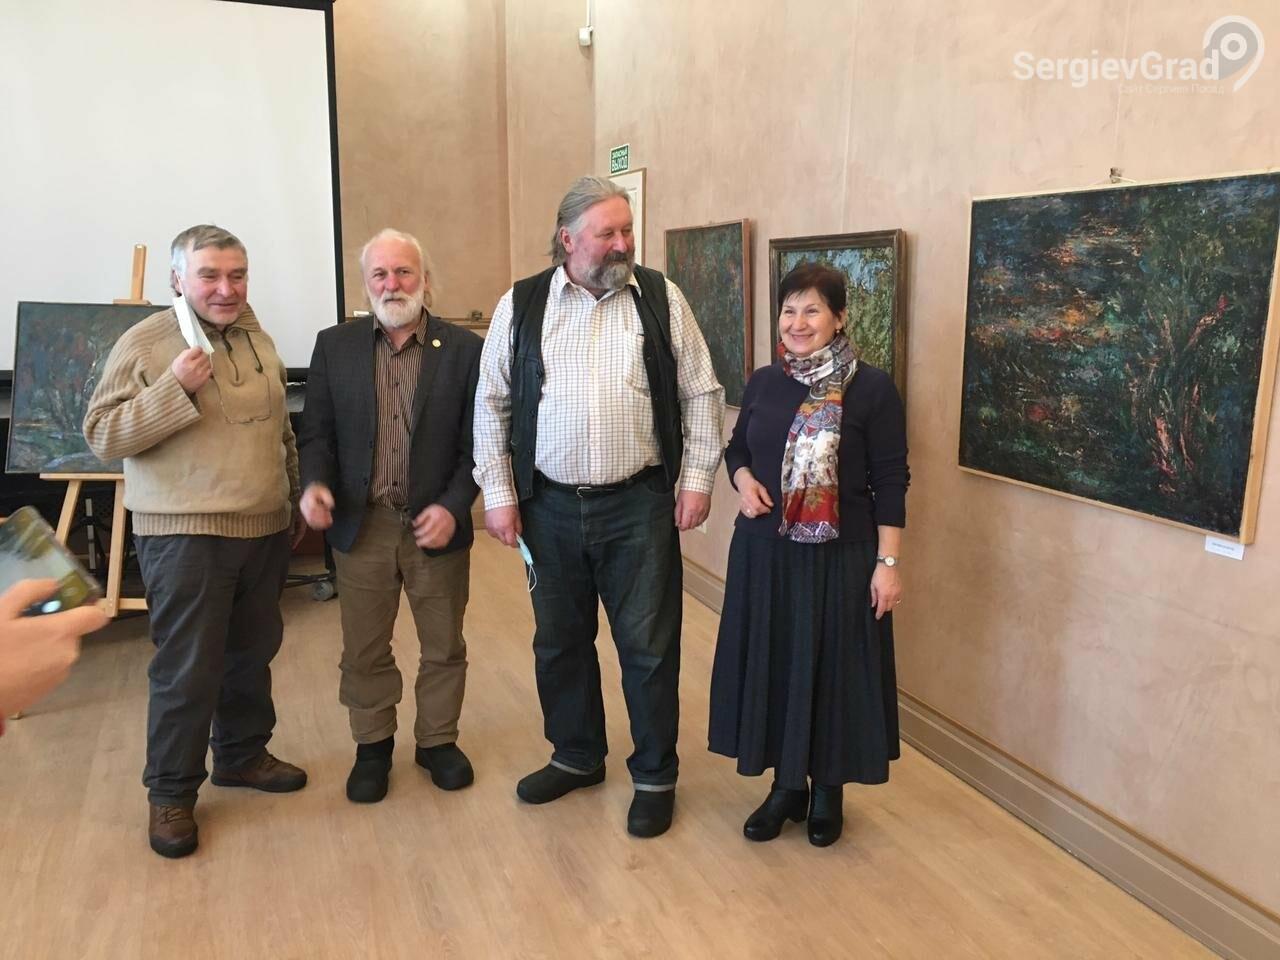 В Сергиевом Посаде открылась художественная выставка «Обаяние пейзажей Валерия Ивановича Сандырева», фото-23